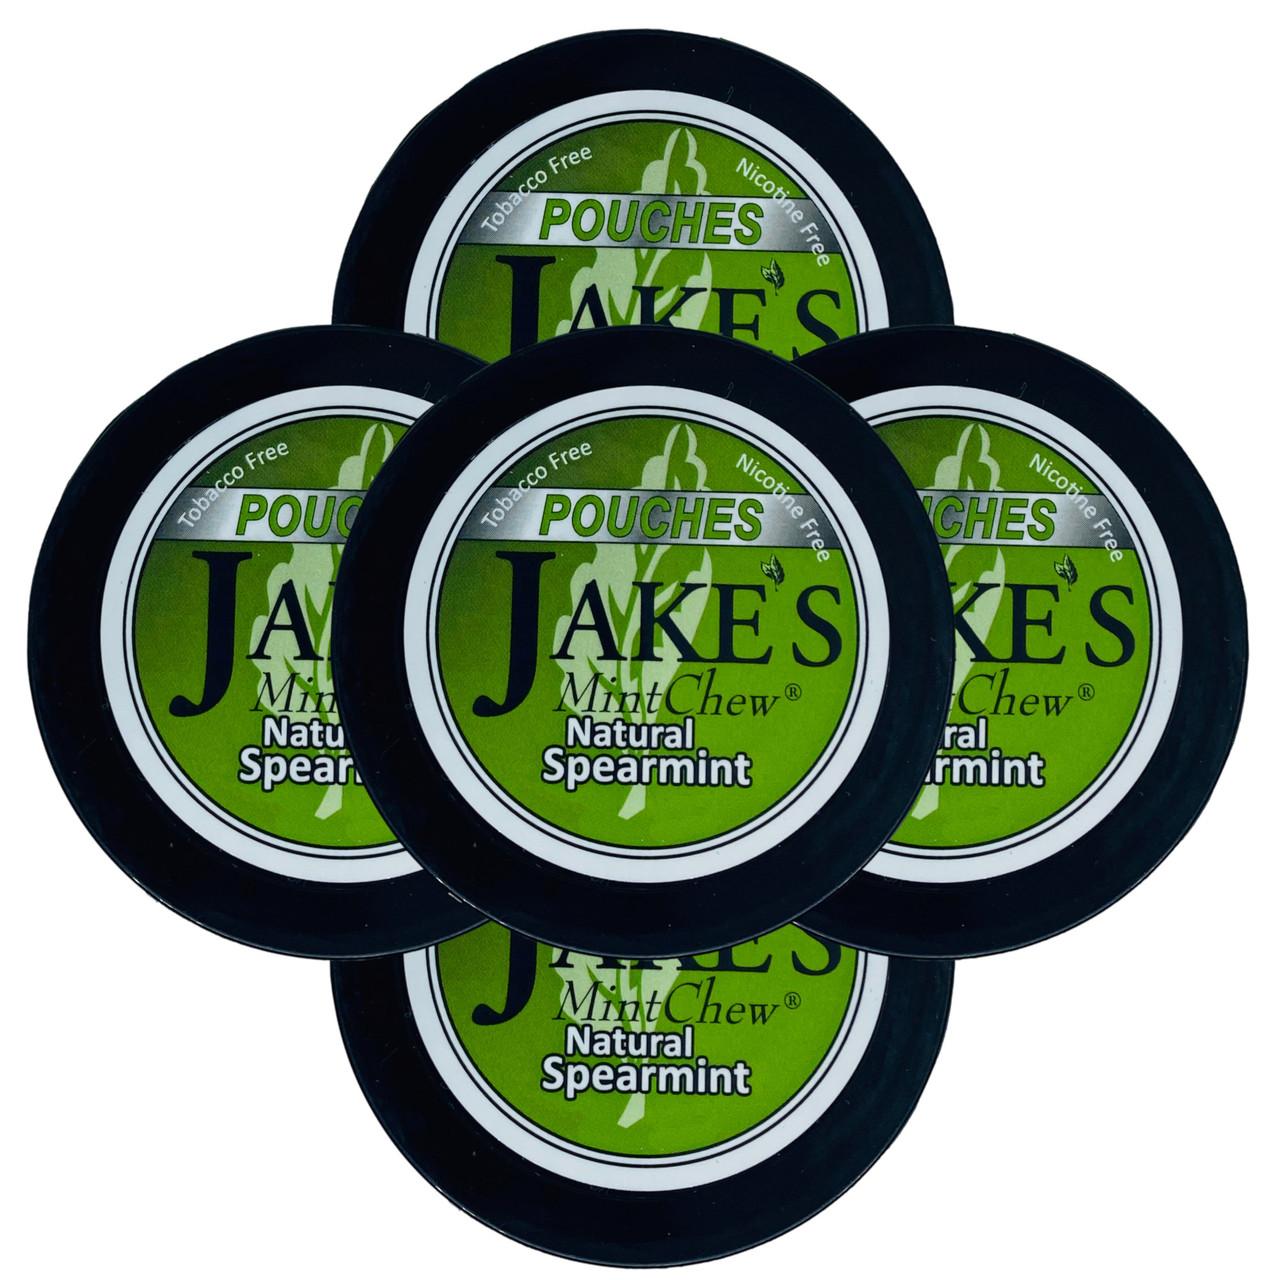 Jake's Mint Chew Pouches Spearmint 5 Cans